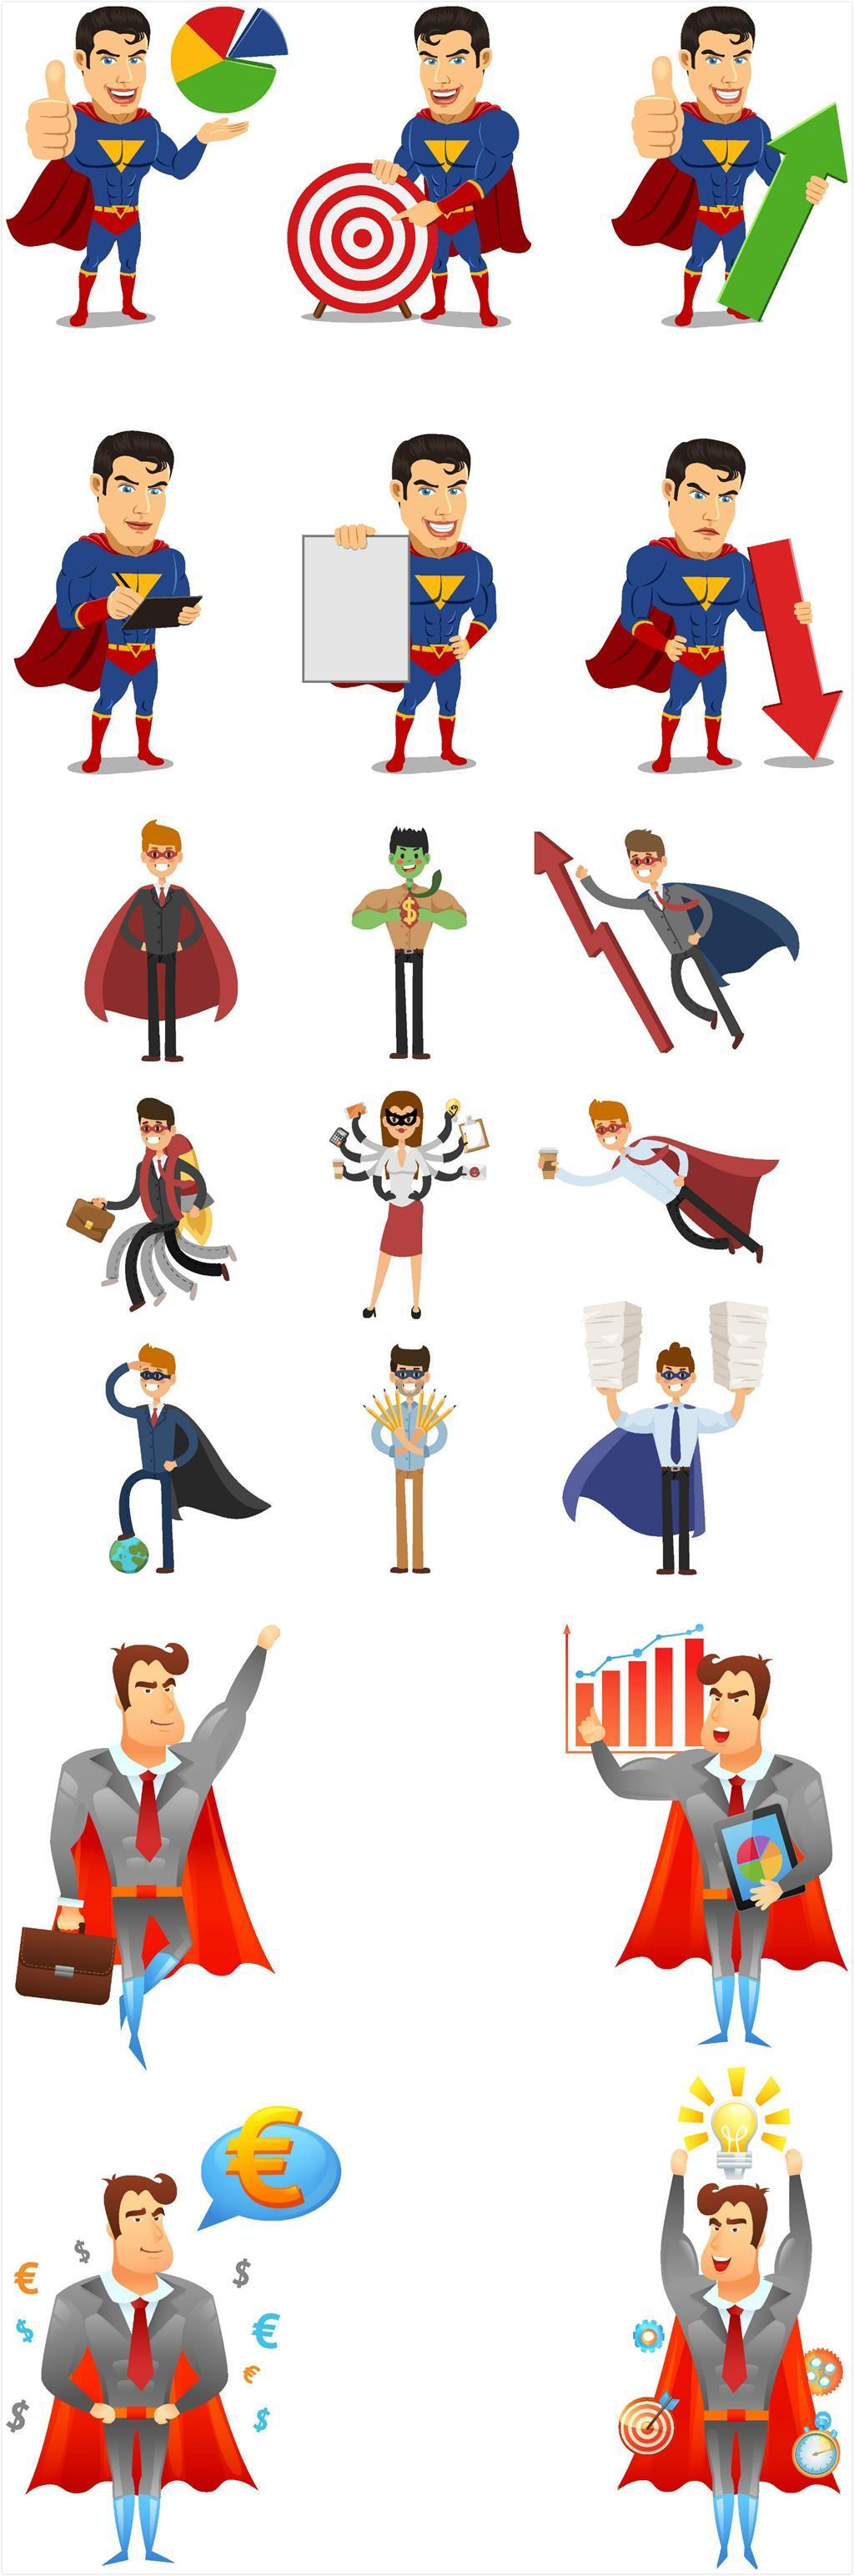 原创设计手绘卡通超人形象